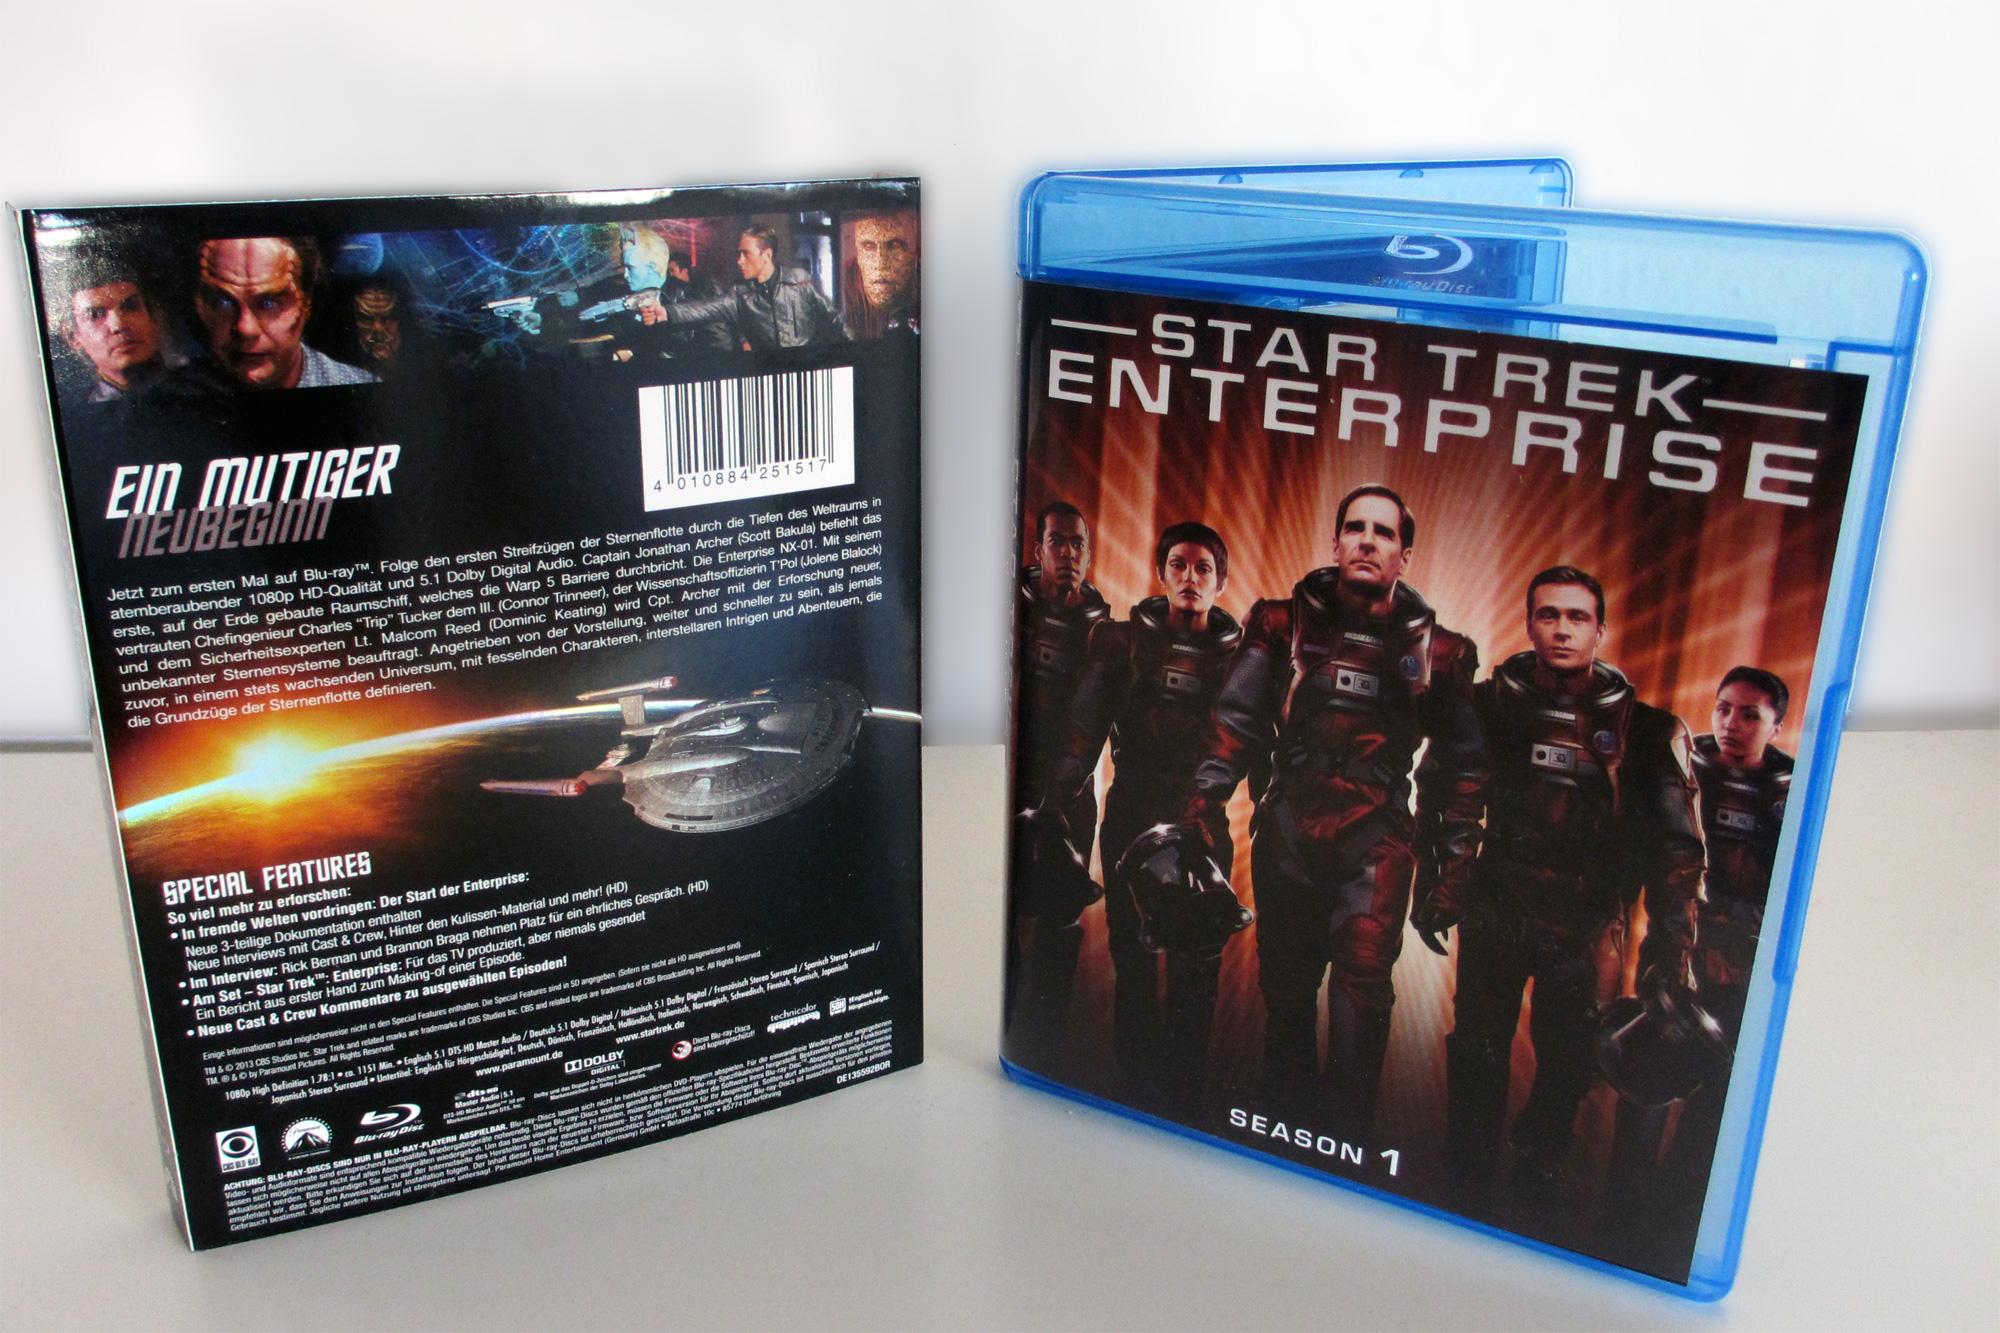 Star Trek Enterprise Season 1 Blu-ray Cover und Schuber (Quelle: StarTrek-HD.de)